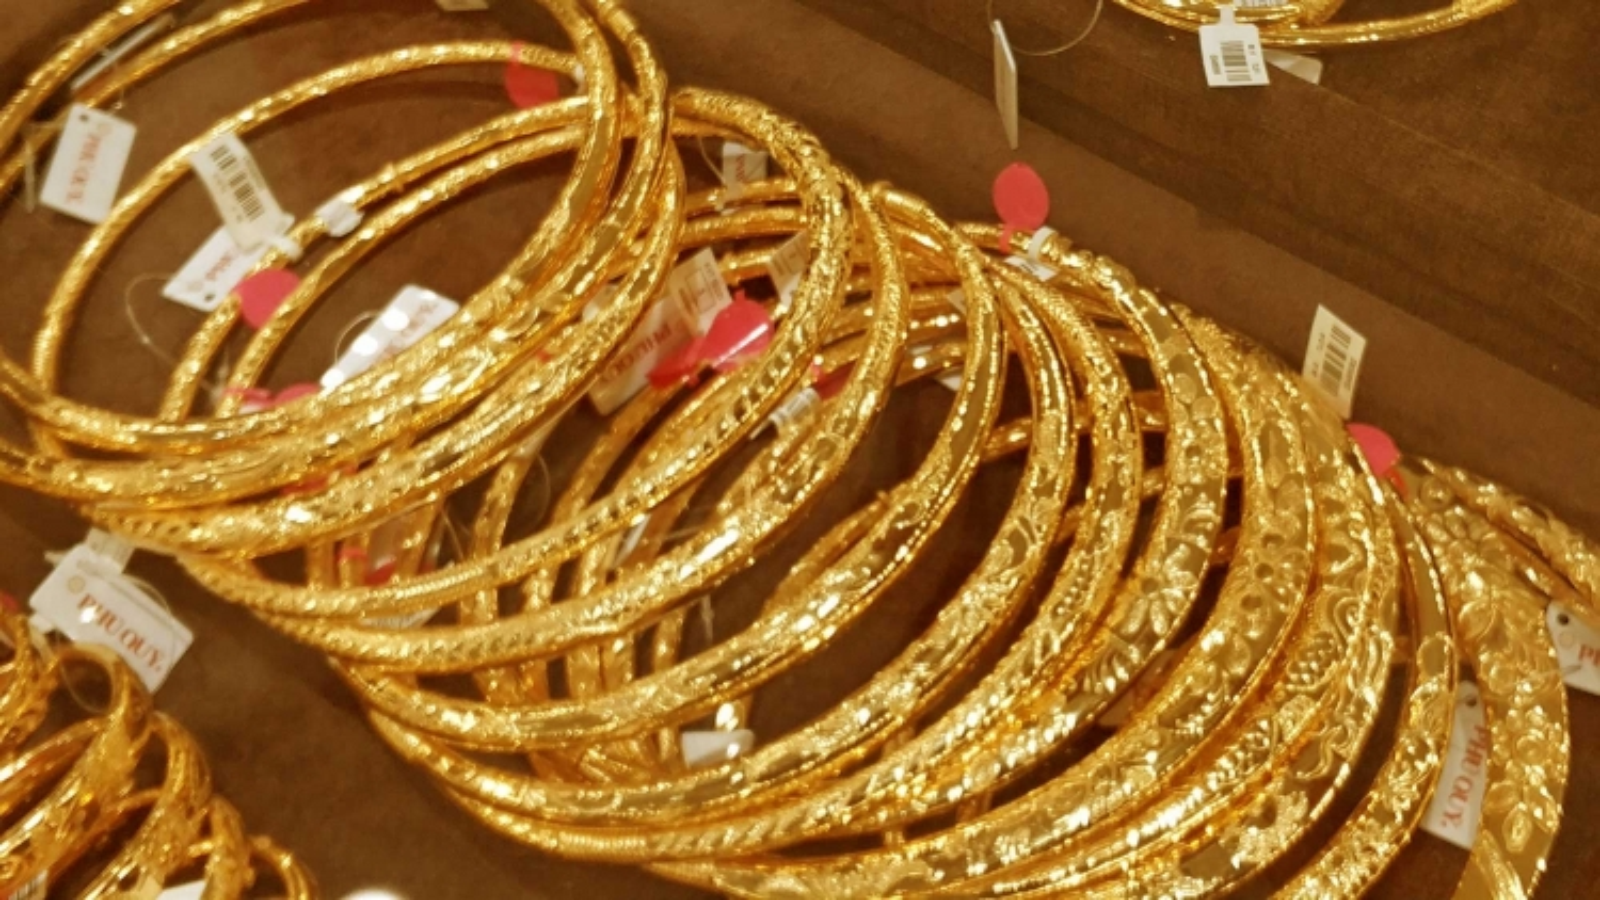 Giá vàng trong nước đứng yên trong khi thế giới giảm nhẹ